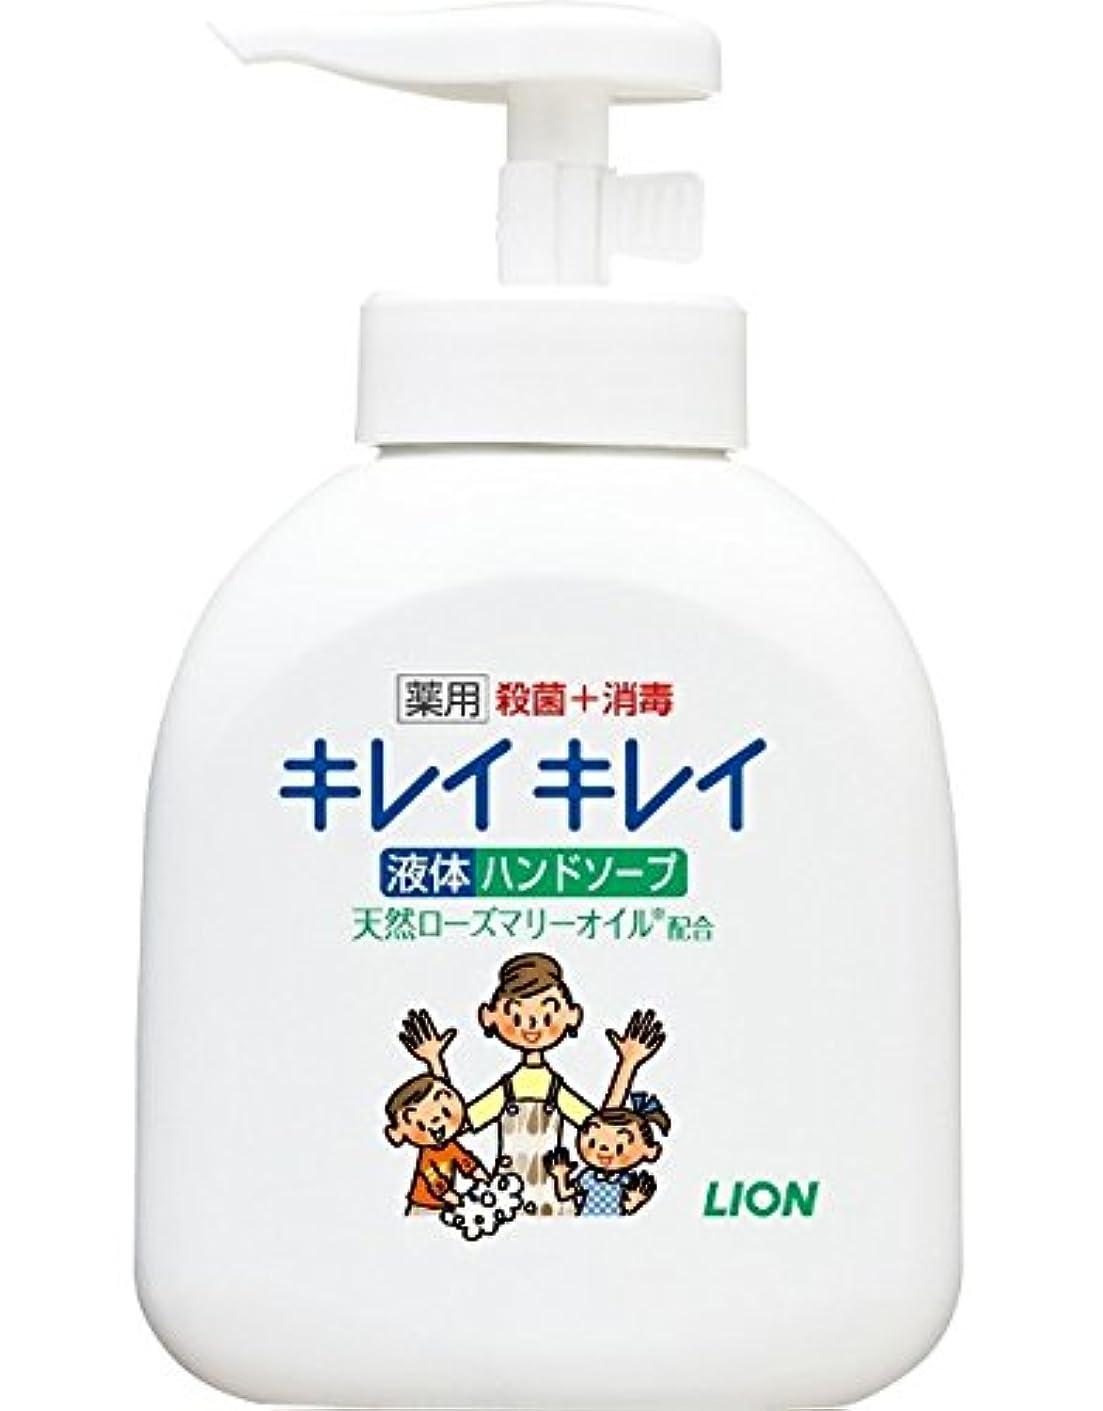 意味のある生き残り鉛キレイキレイ 薬用 液体ハンドソープ 本体ポンプ 250ml(医薬部外品)